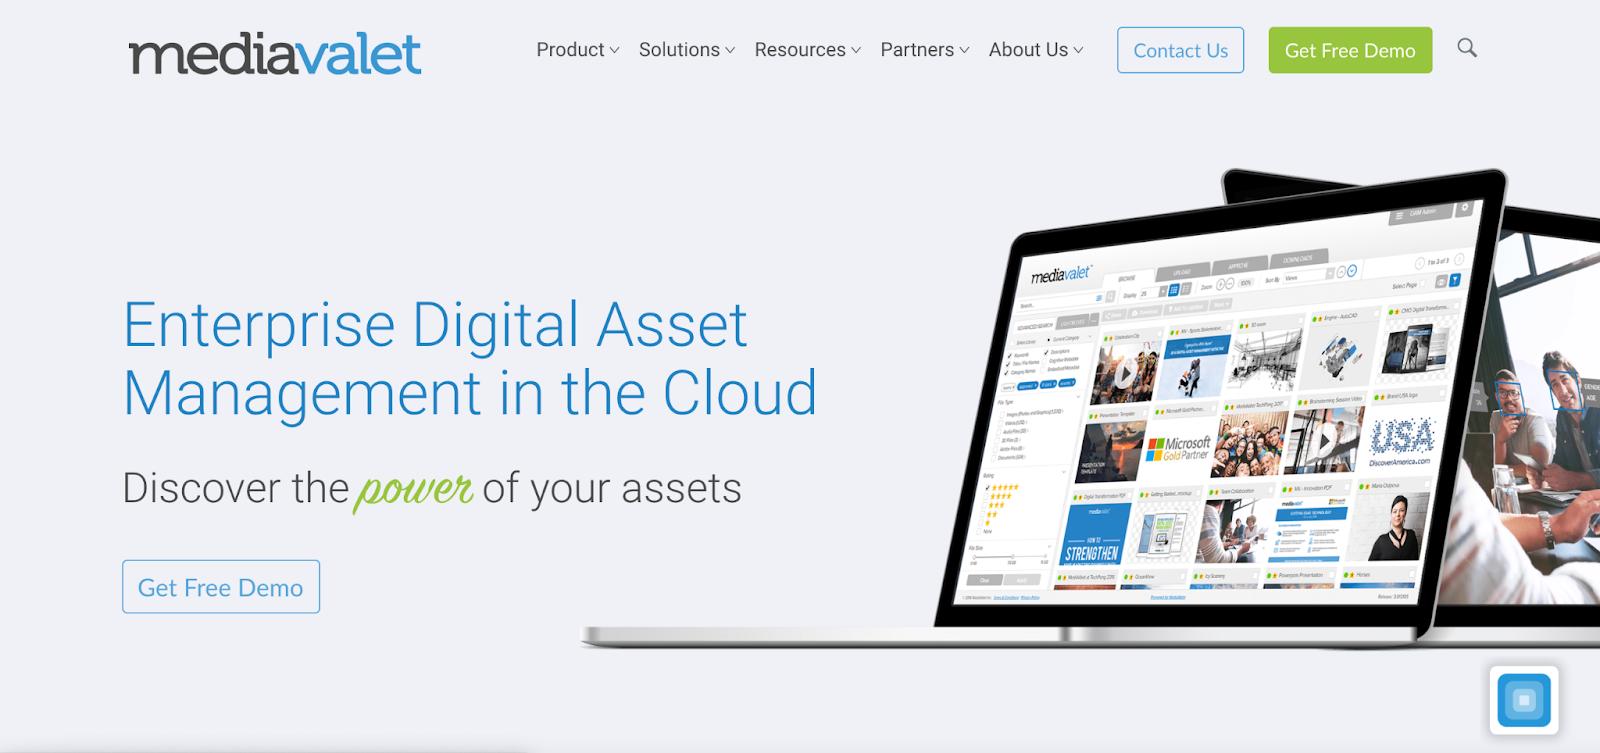 View of MediaValet homepage